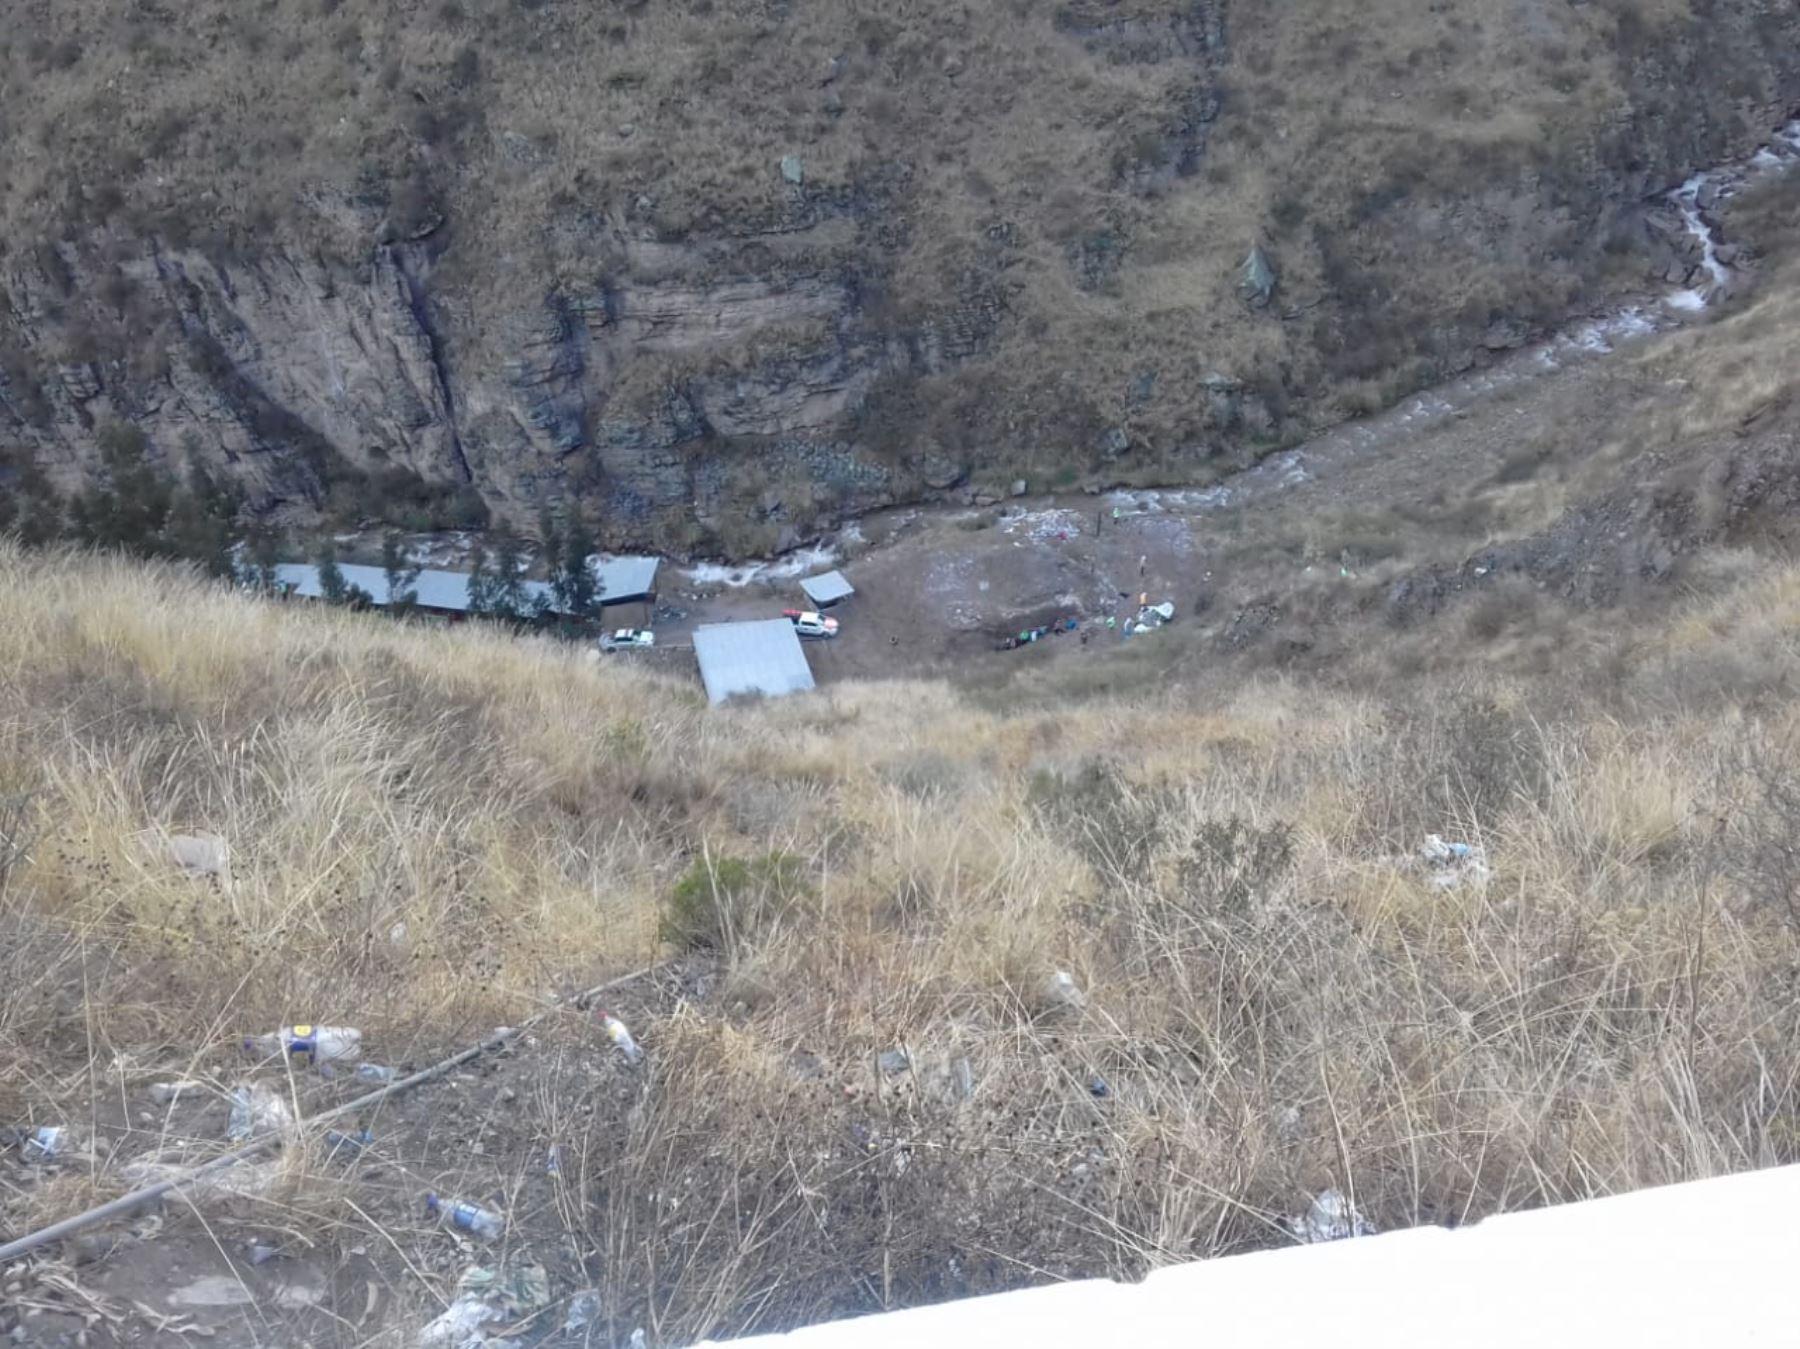 Esta madrugada, un vehículo con escolares se despistó y cayó a un abismo en el kilómetro 103 de la carretera Central en Chicla, provincia de Huarochirí. Foto: Difusión